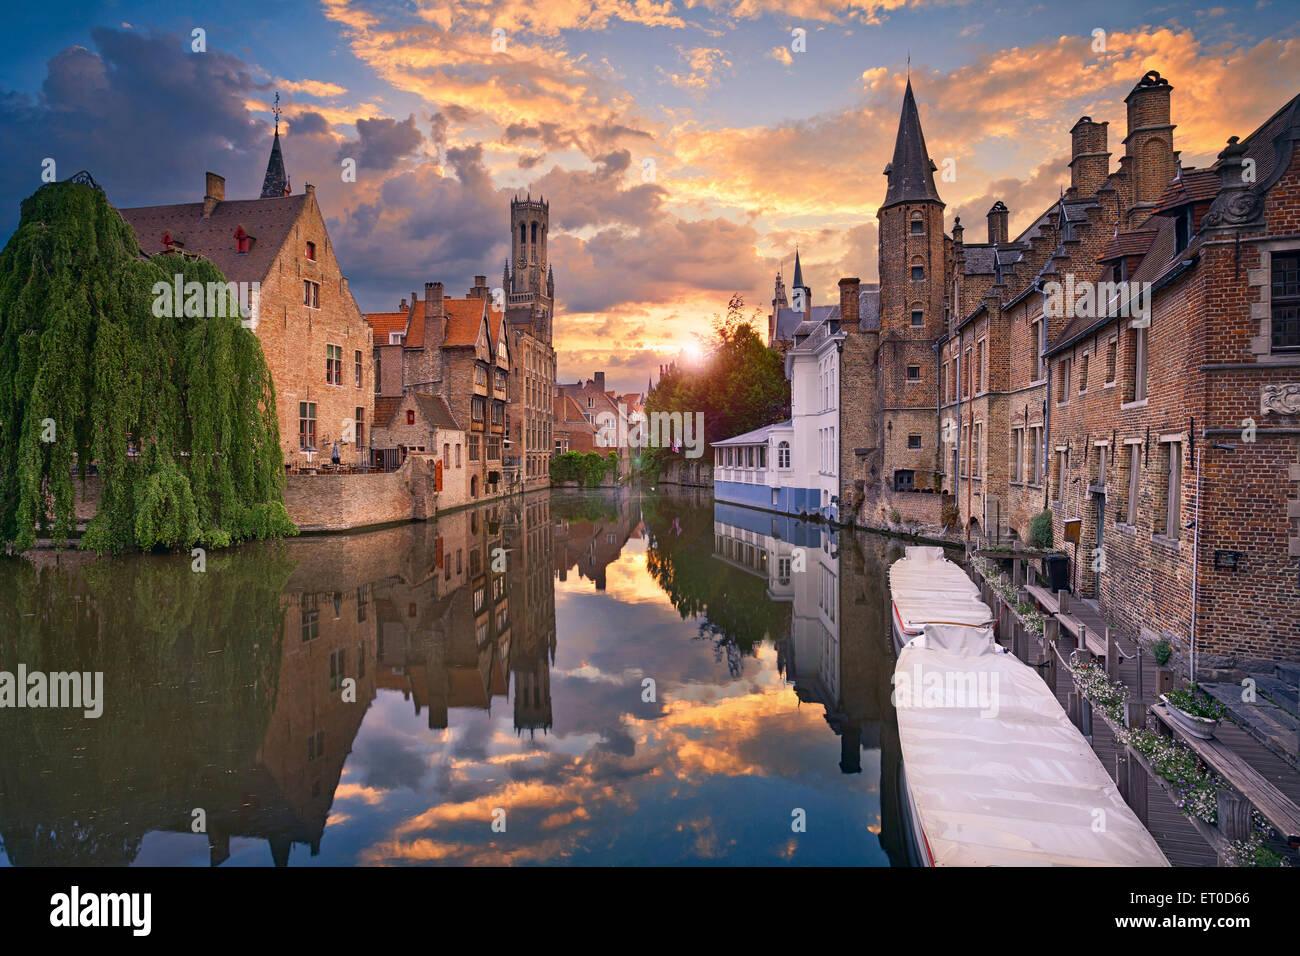 Brujas. Imagen del famoso lugar más fotografiado en Brujas, Bélgica, durante la espectacular puesta de sol. Foto de stock